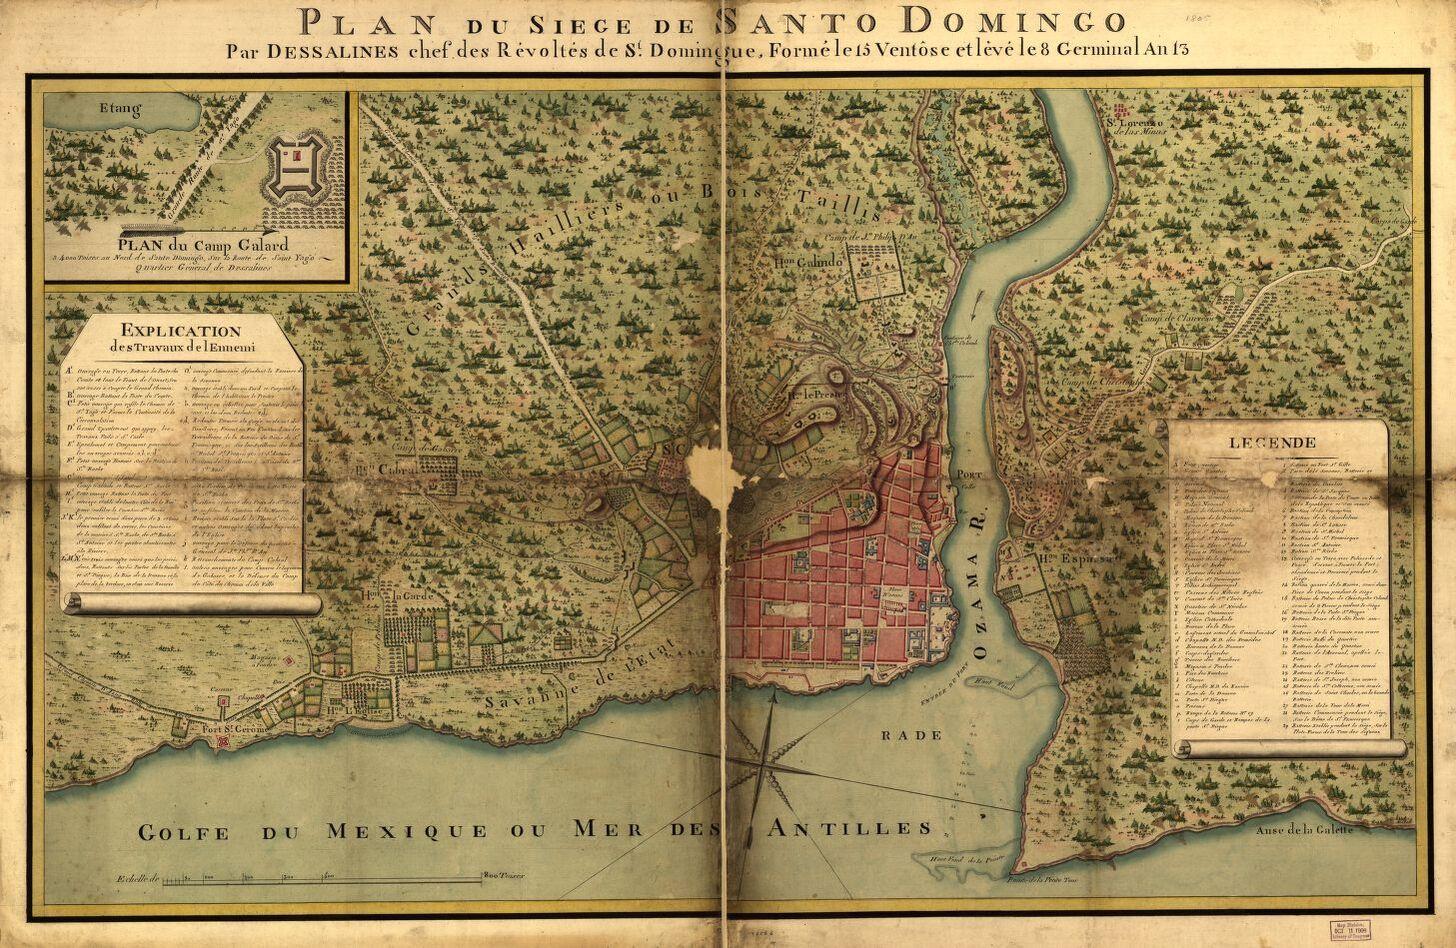 Plan du Siège de Santo Domingo